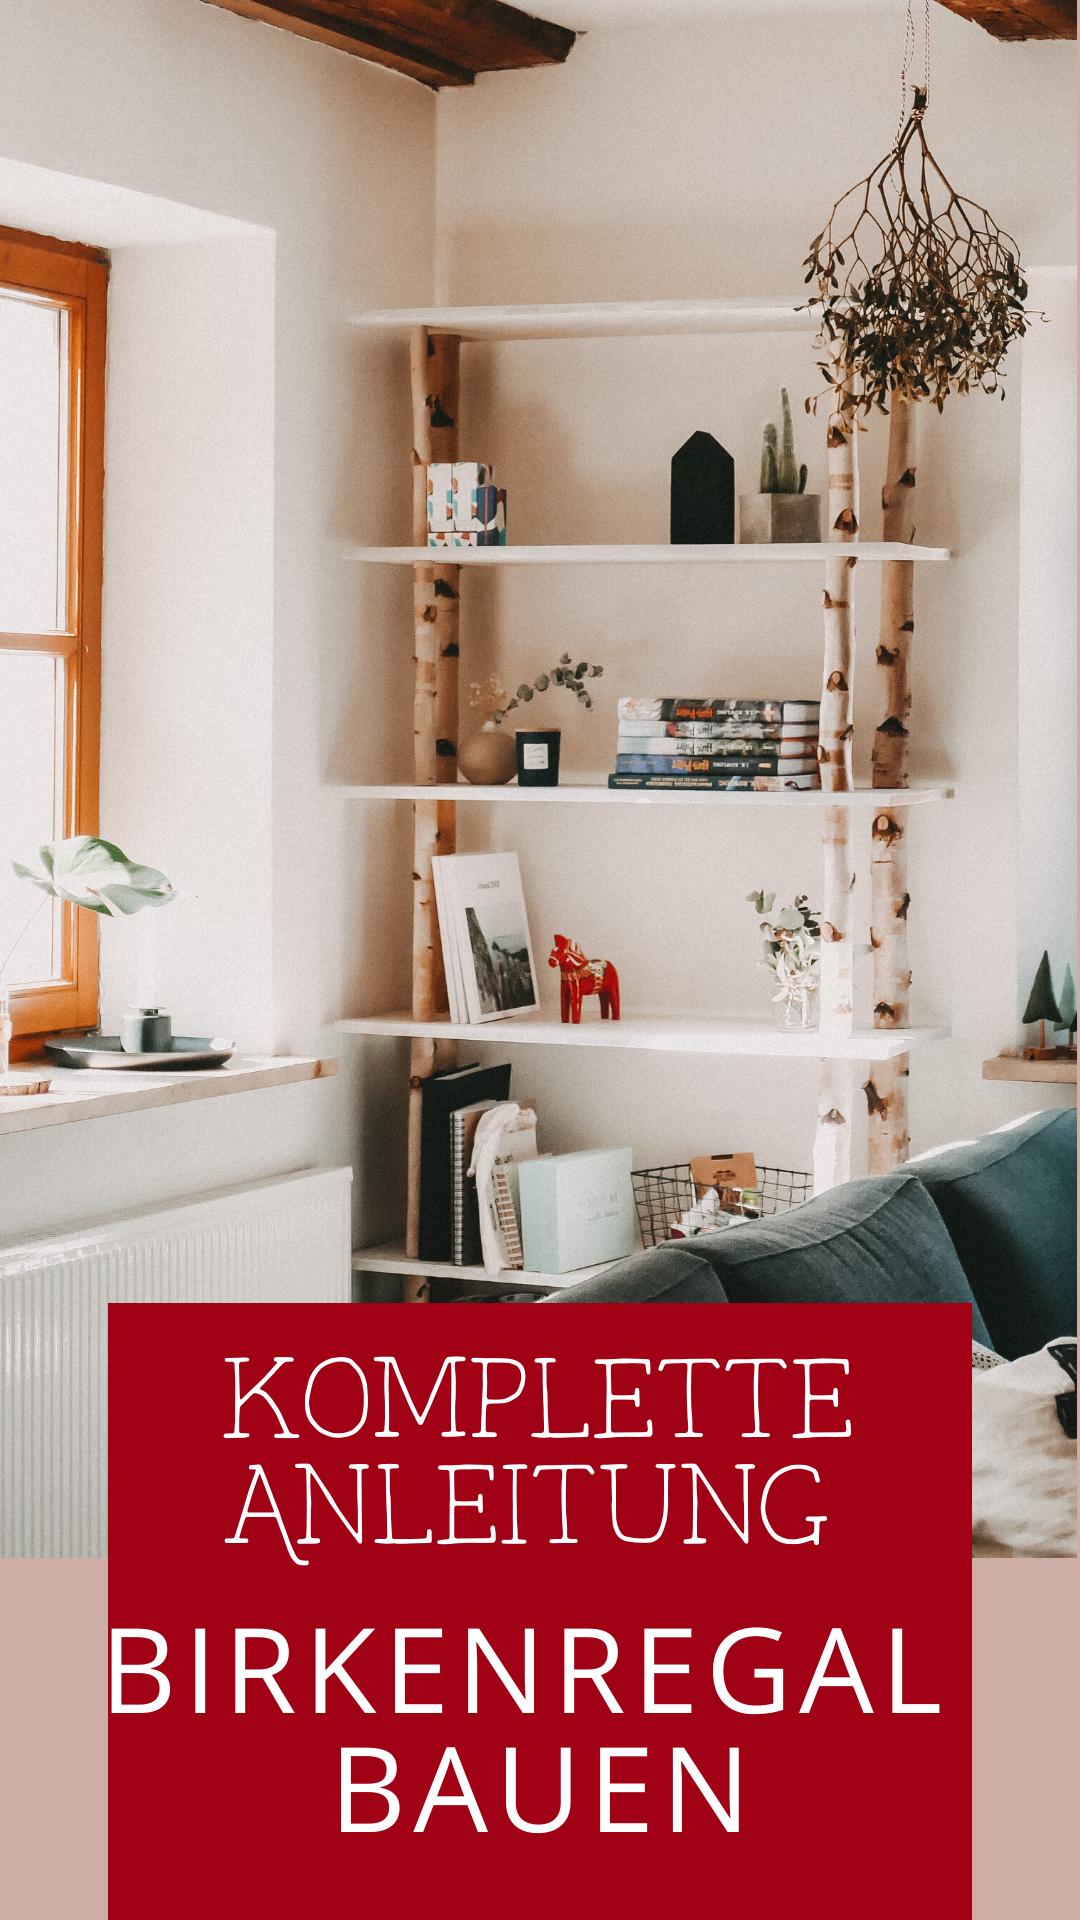 DIY Birkenregal bauen – tolles DIY | Möbel selbst bauen